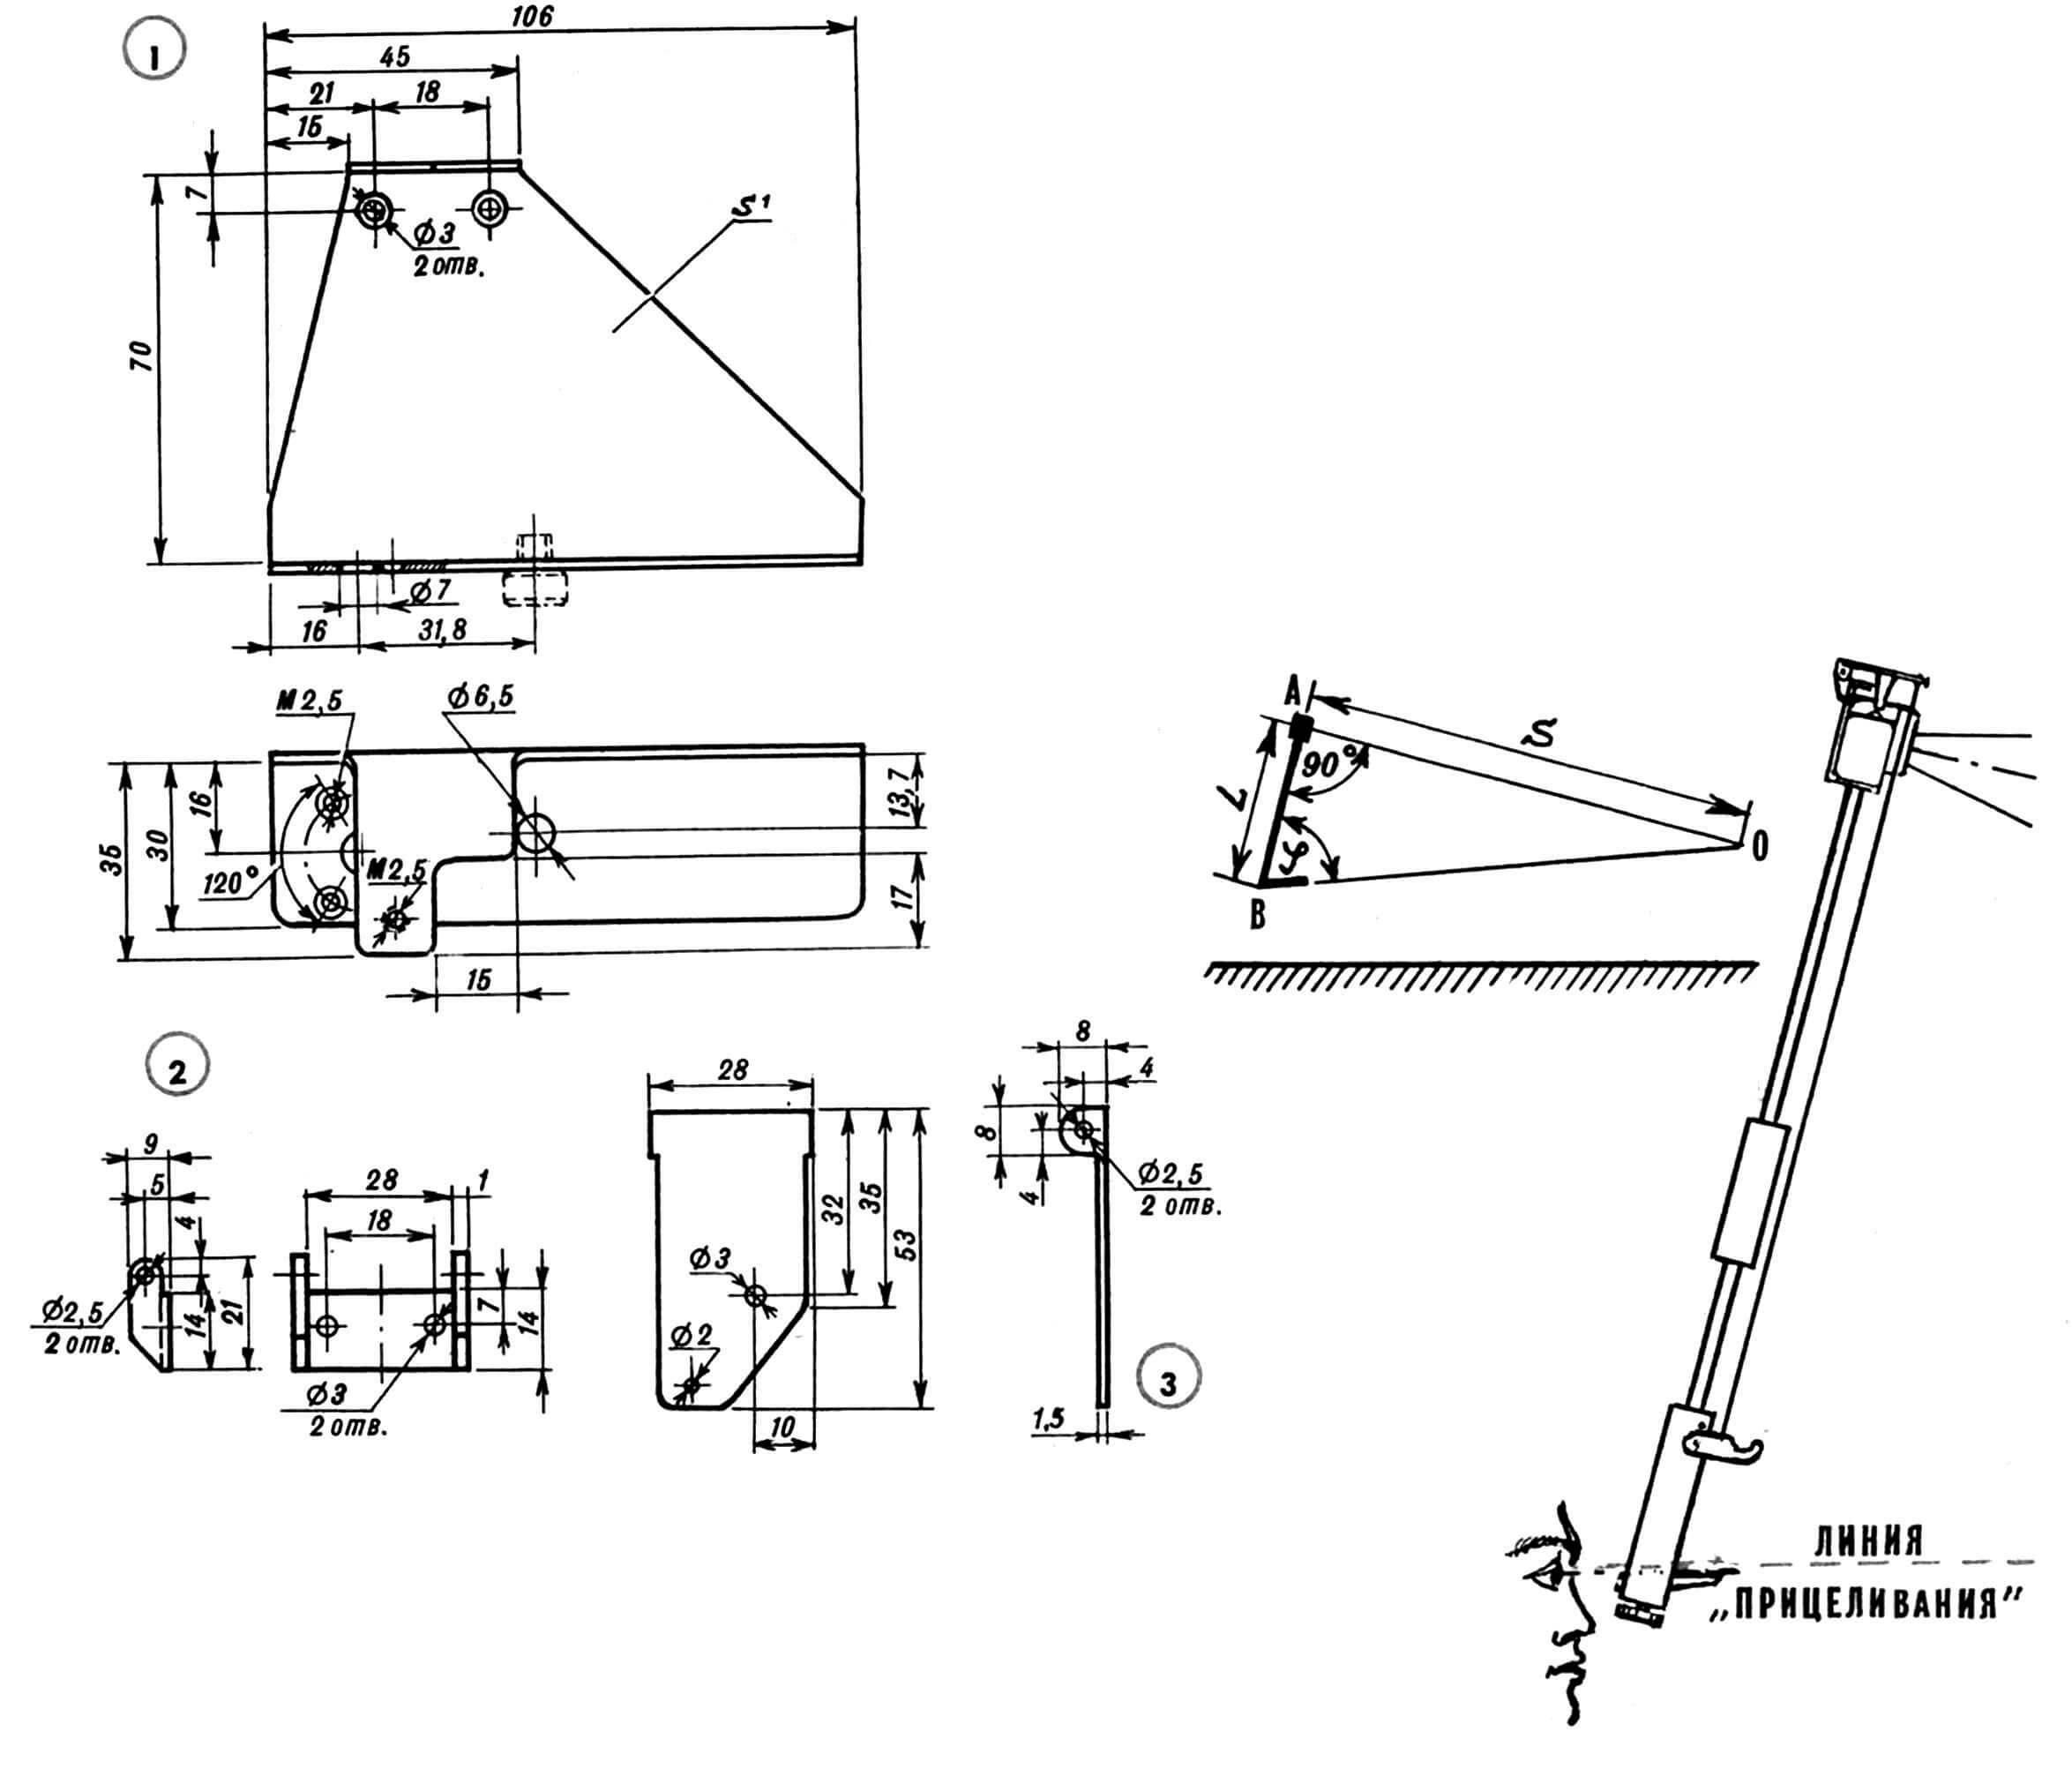 Рис. 2. Процесс фотографирования и схема для определения угла наклона приспособления: А — фотоаппарат, В — визир, О — центр фотографируемого сюжета, S — расстояние до объекта съемки, L — длина штанги, J — угол между штангой и направляющей визира.